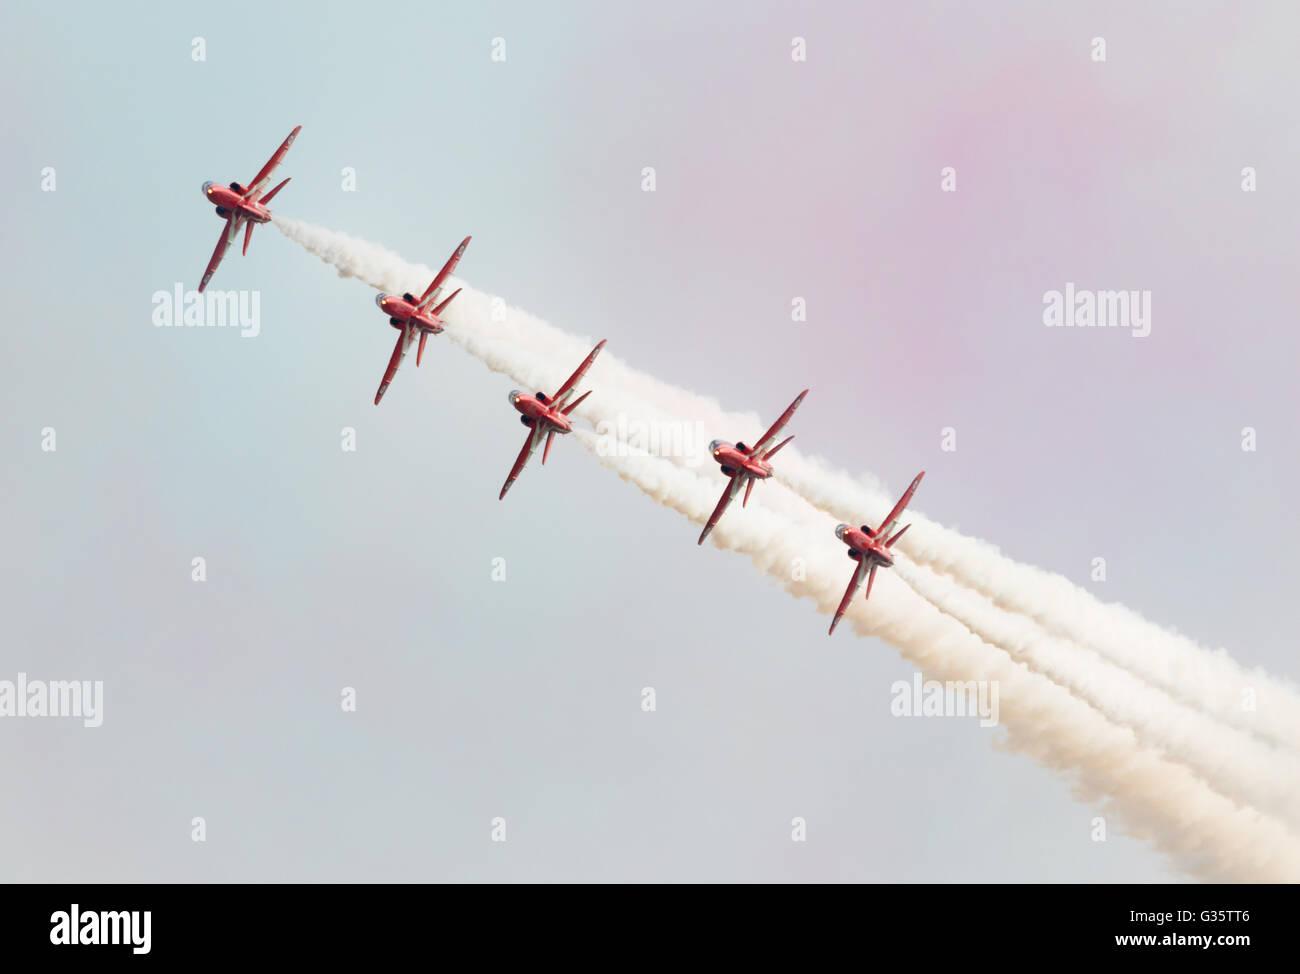 Les flèches rouges RAF aerobatic team vol face à l'appareil photo, Duxford Duxford meeting aérien Photo Stock